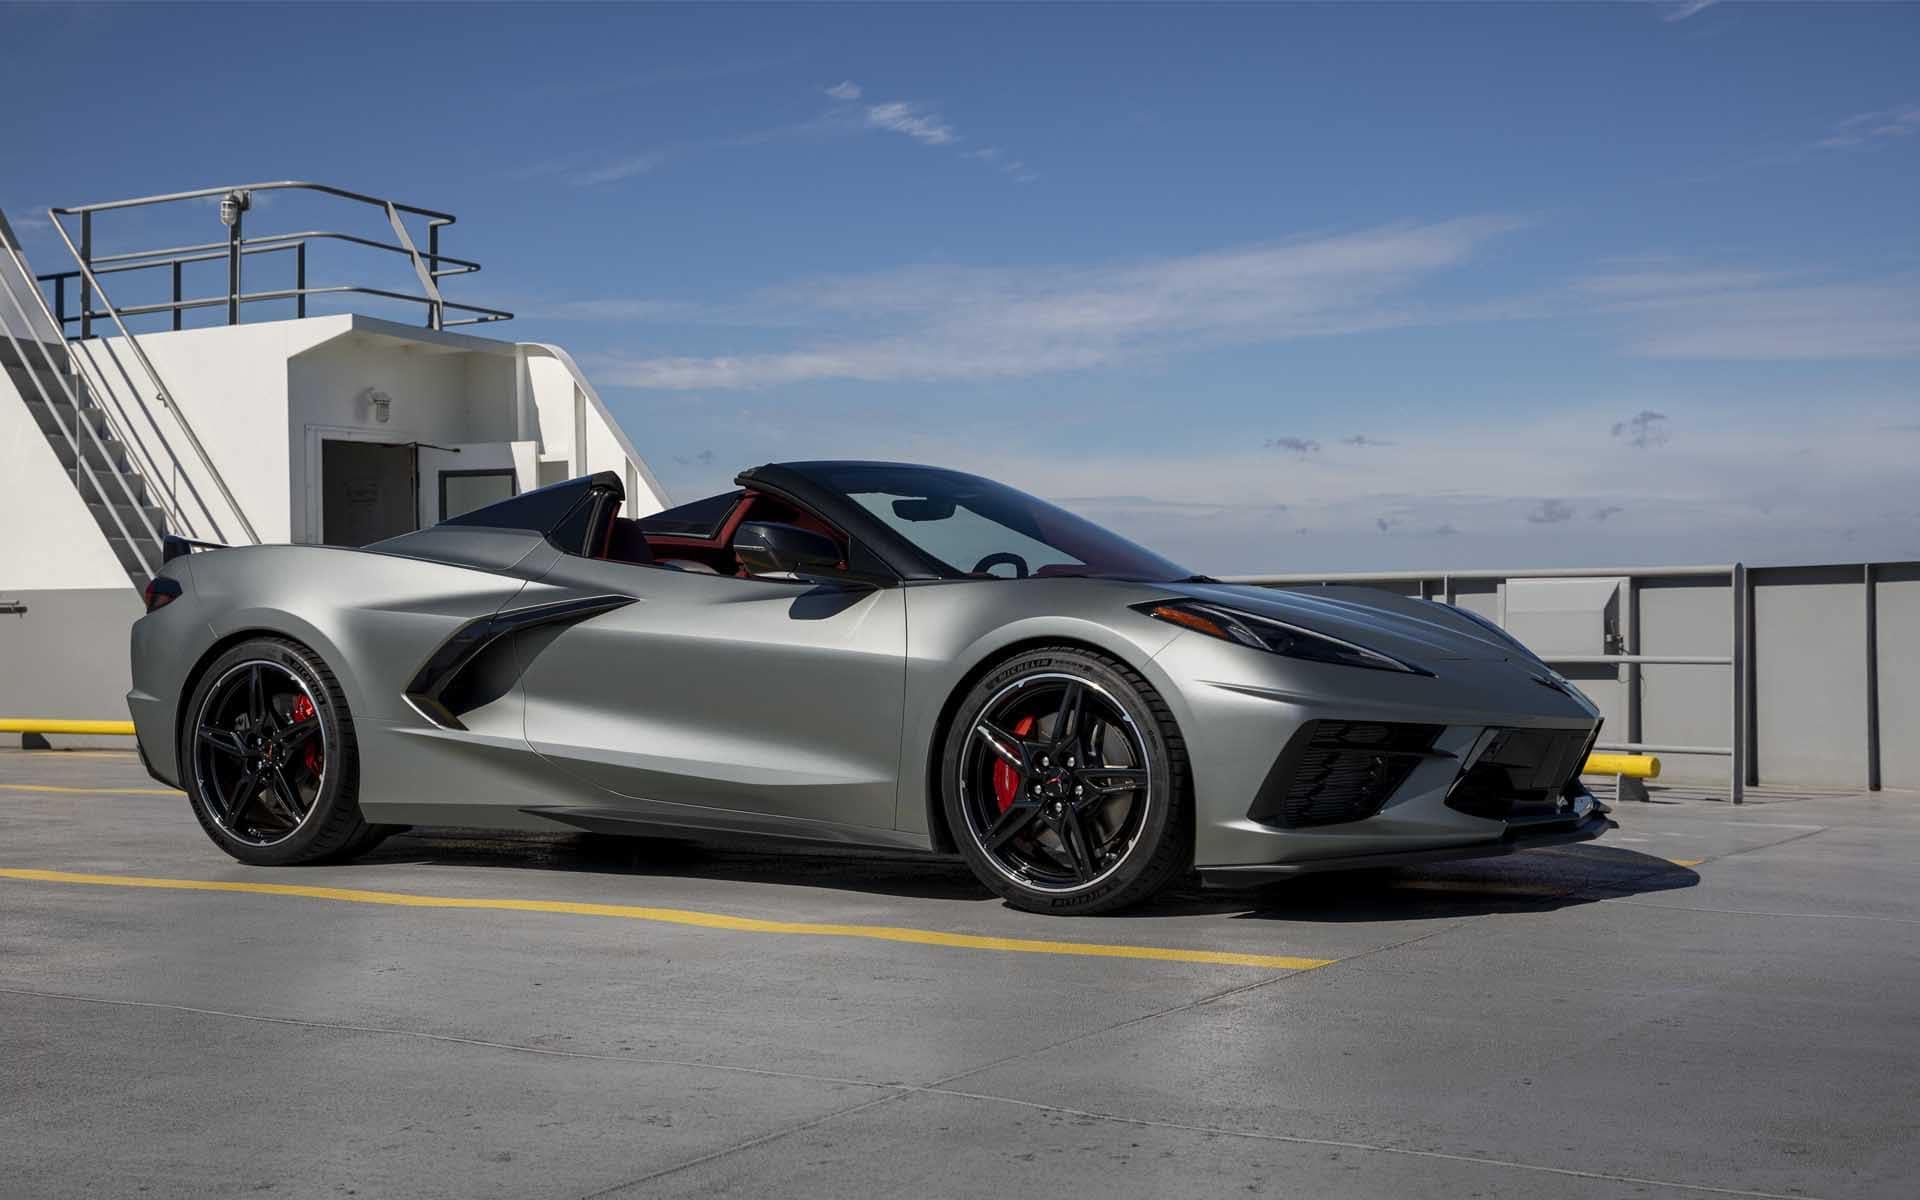 2021 Chevrolet Corvette Oil Change